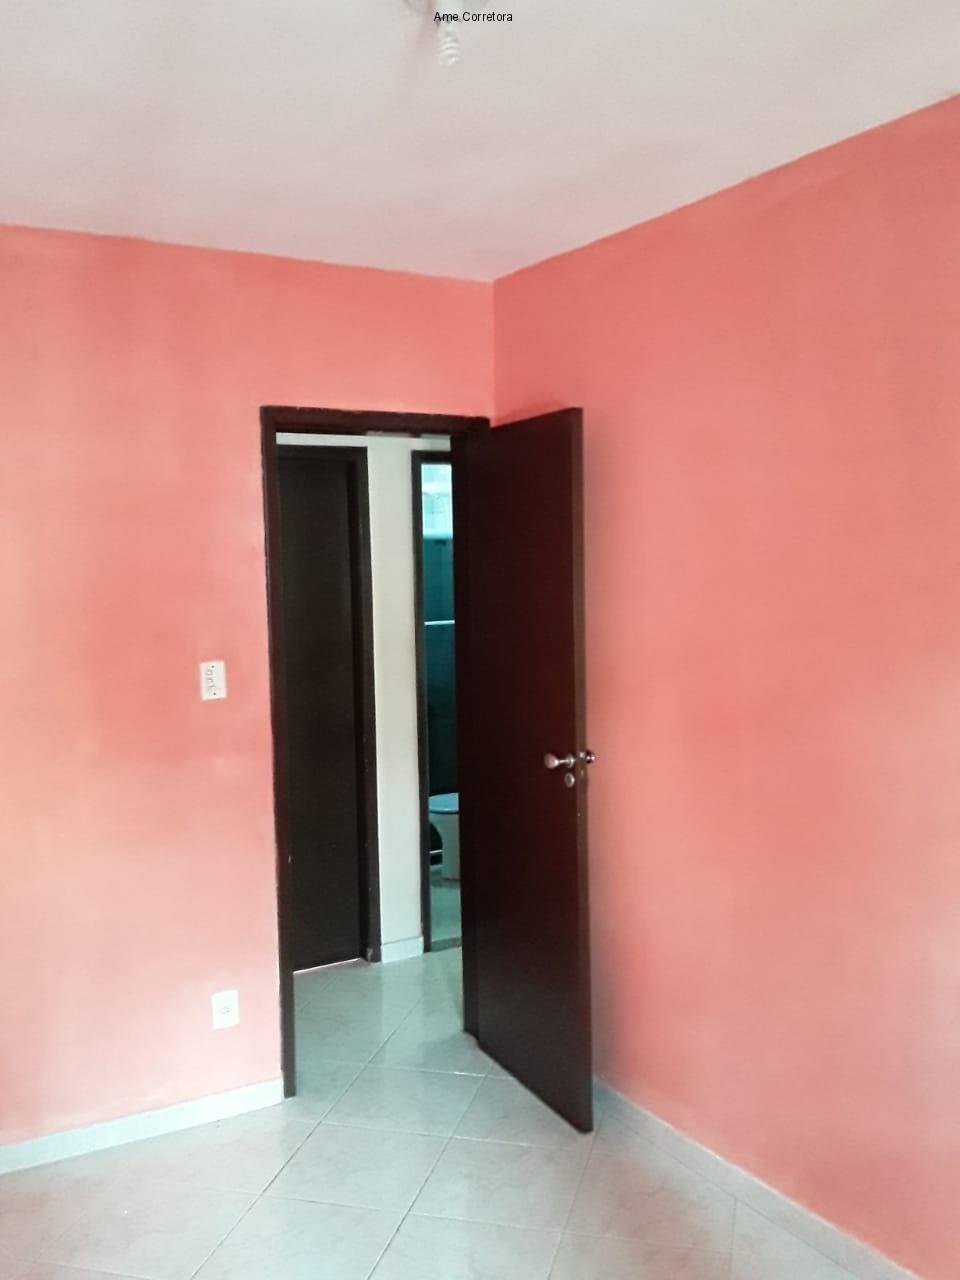 FOTO 16 - Apartamento 2 quartos à venda Rio de Janeiro,RJ - R$ 110.000 - AP00363 - 17